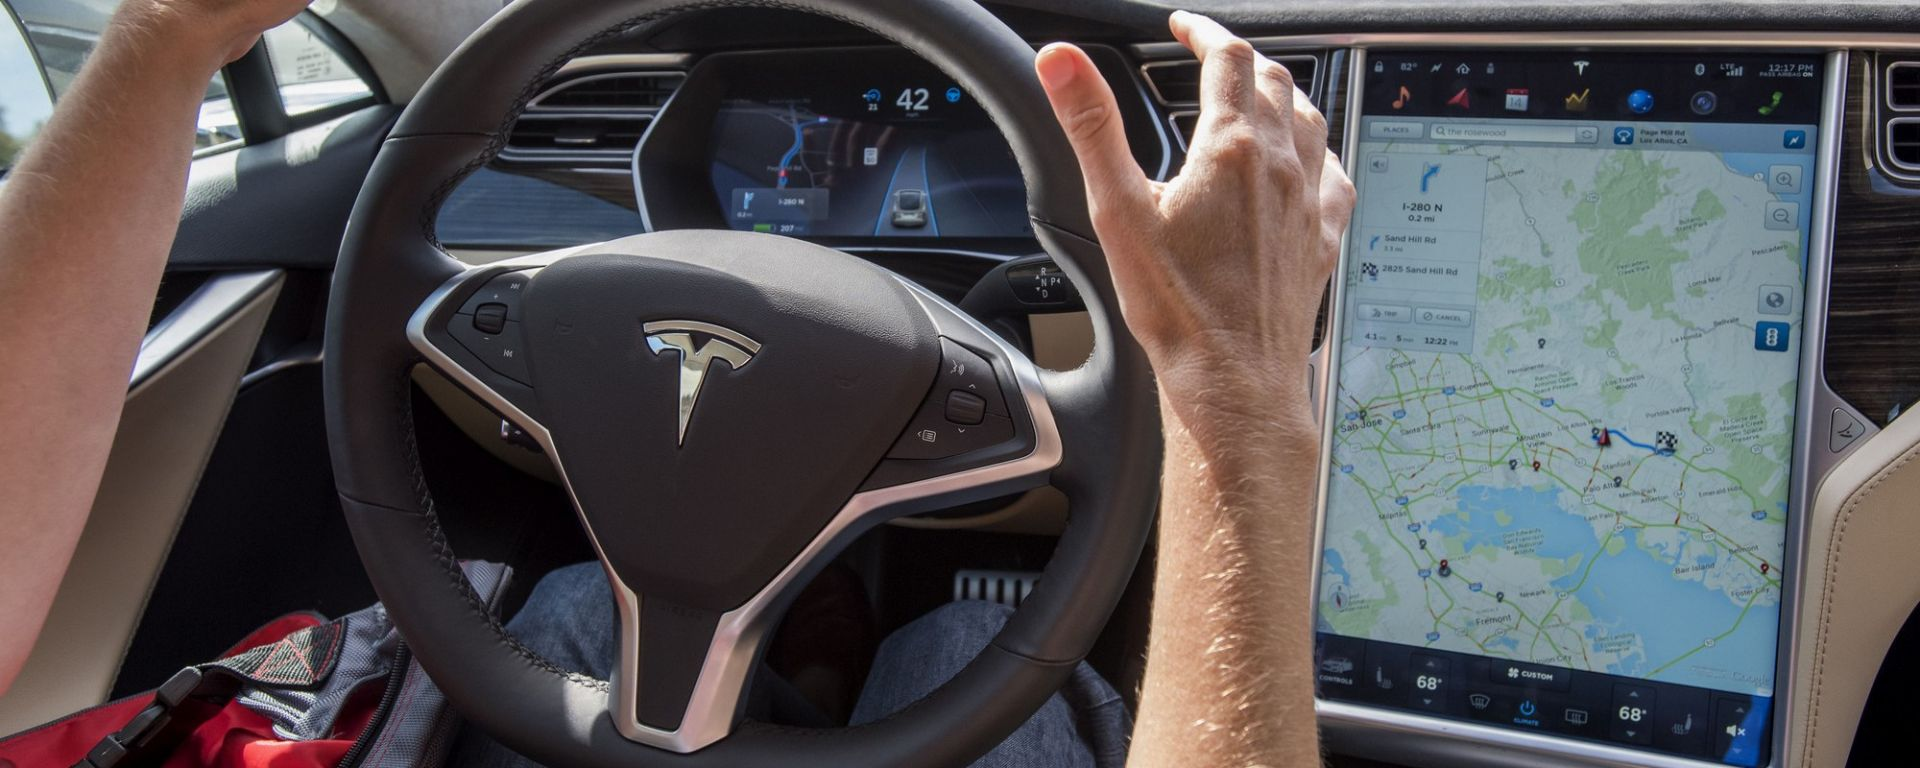 Tesla Autopilot, da agosto 2018 la Version 9